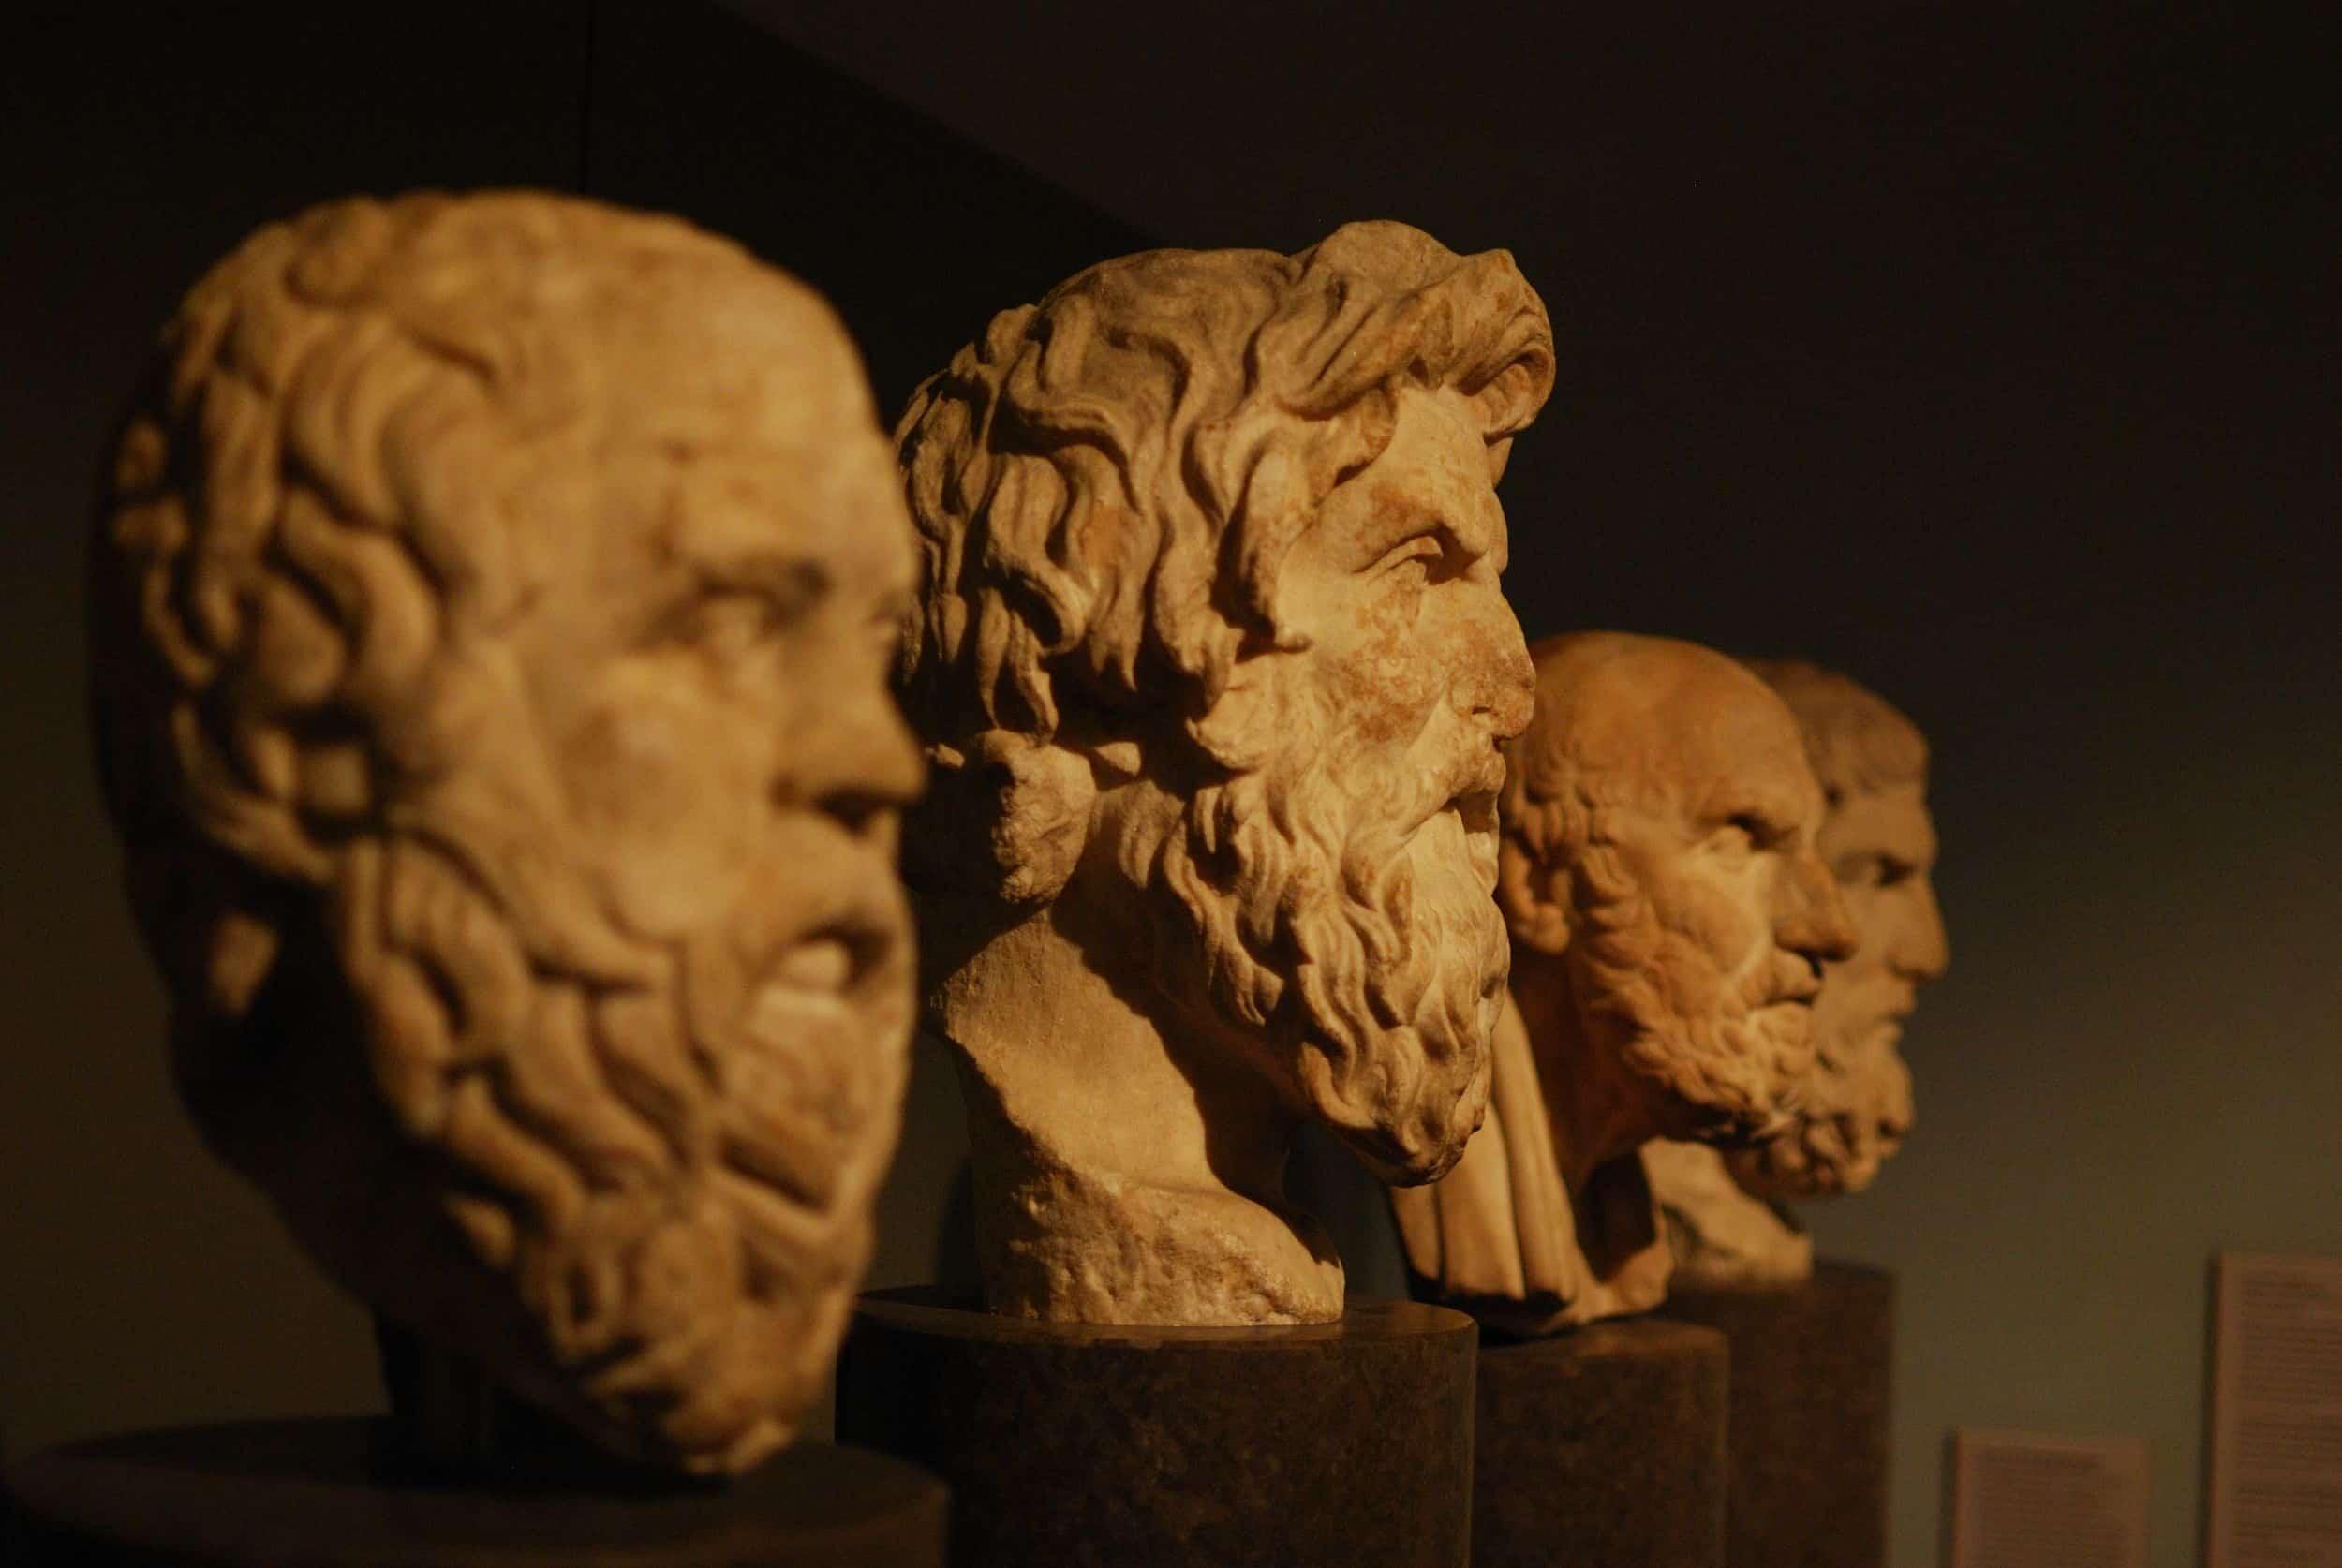 3人の哲学者の胸像